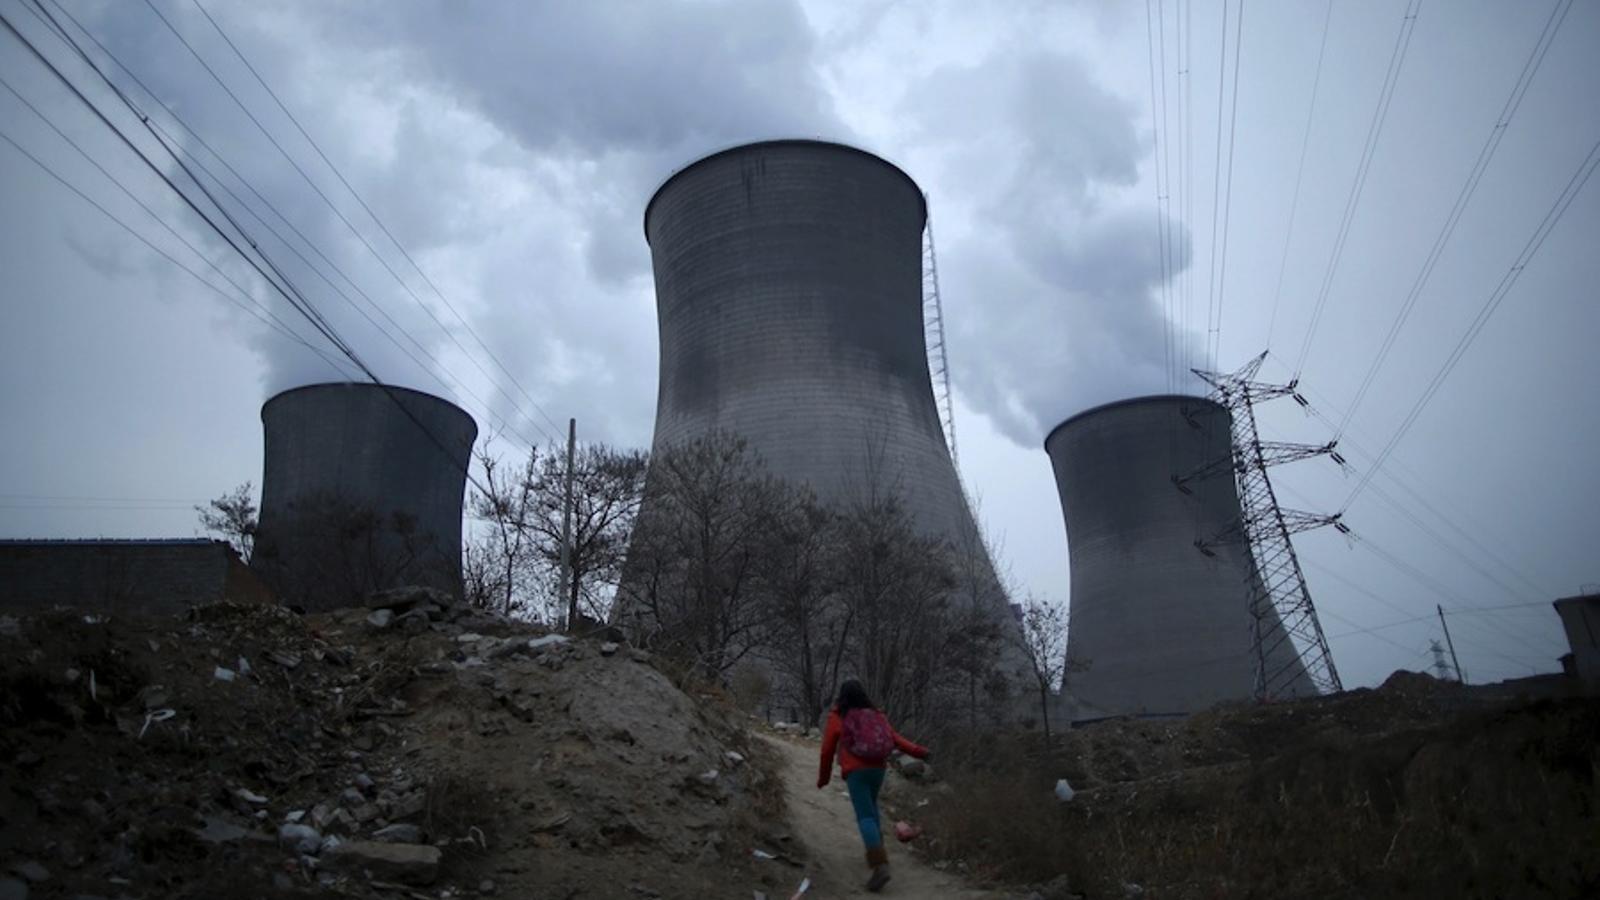 El creixement en les emissions de CO2 s'alenteix. / Reuters